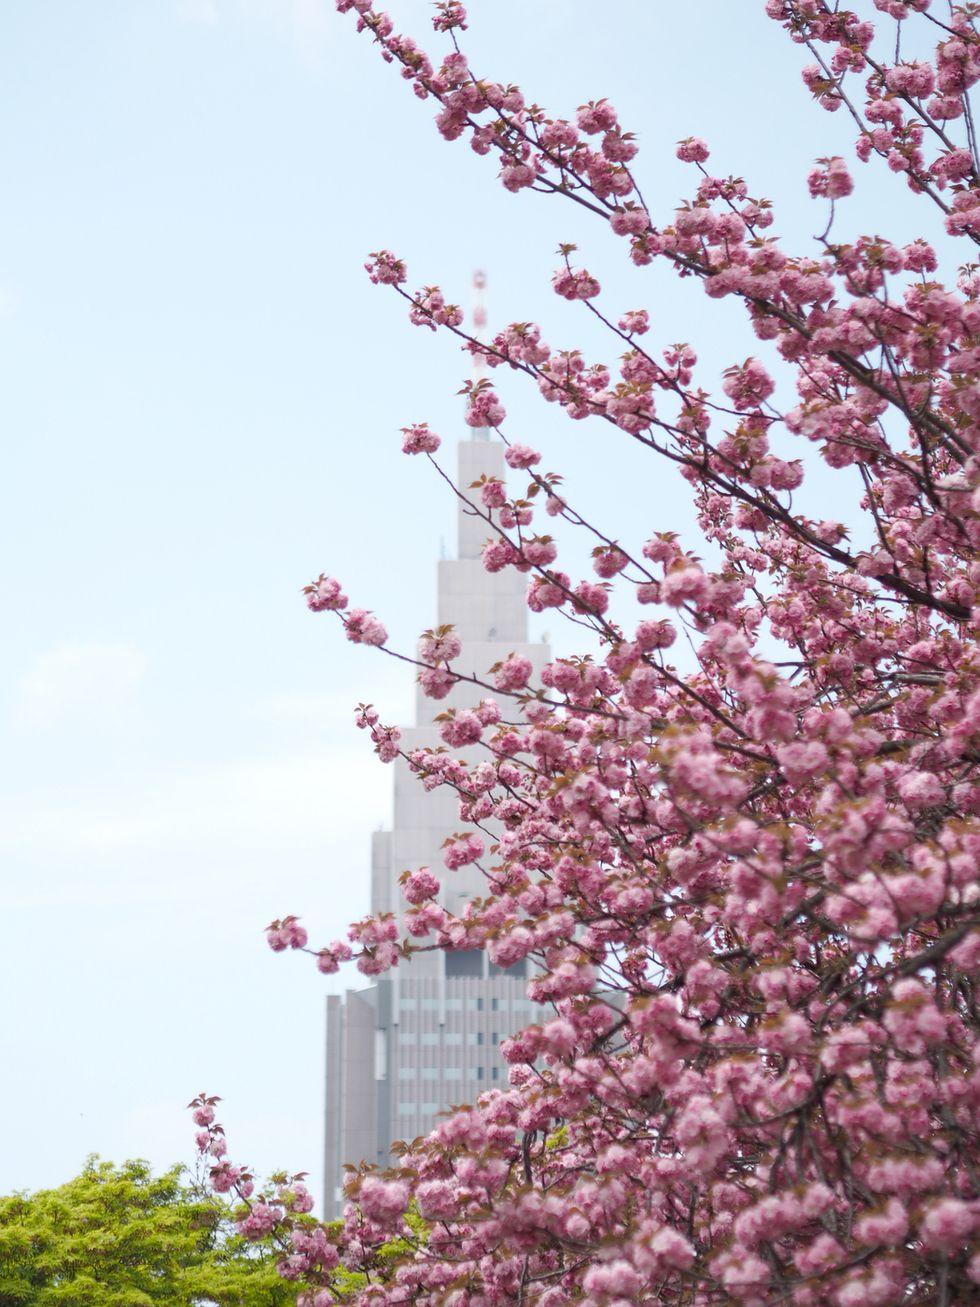 Cherry blossoms in Tokyo | Shinjuku Gyoen, Japan, sakura | Photo: Jenni Rotonen / Pupulandia